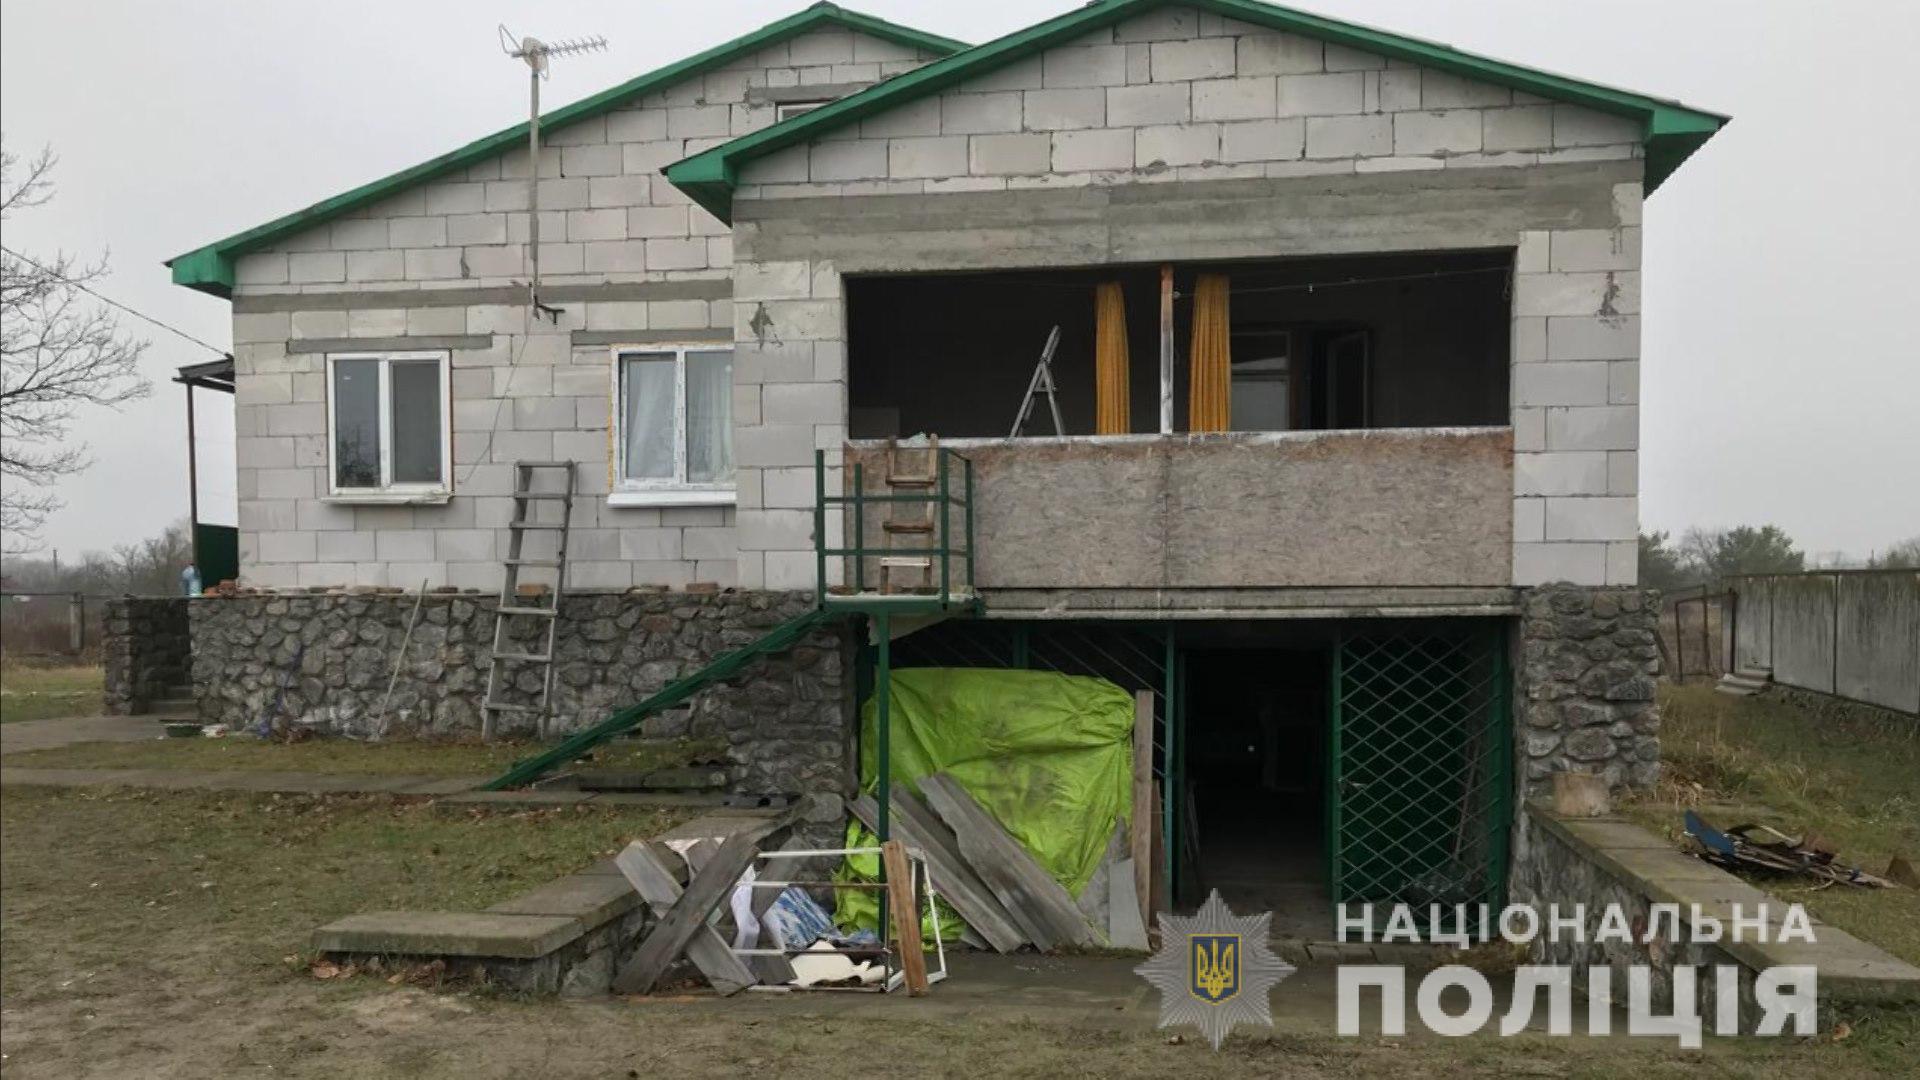 На Вишгородщині зловили злодіїв, які вкрали посилки - Поліція, крадіжка, київщина, Вишгородський район - 1120 Polits1